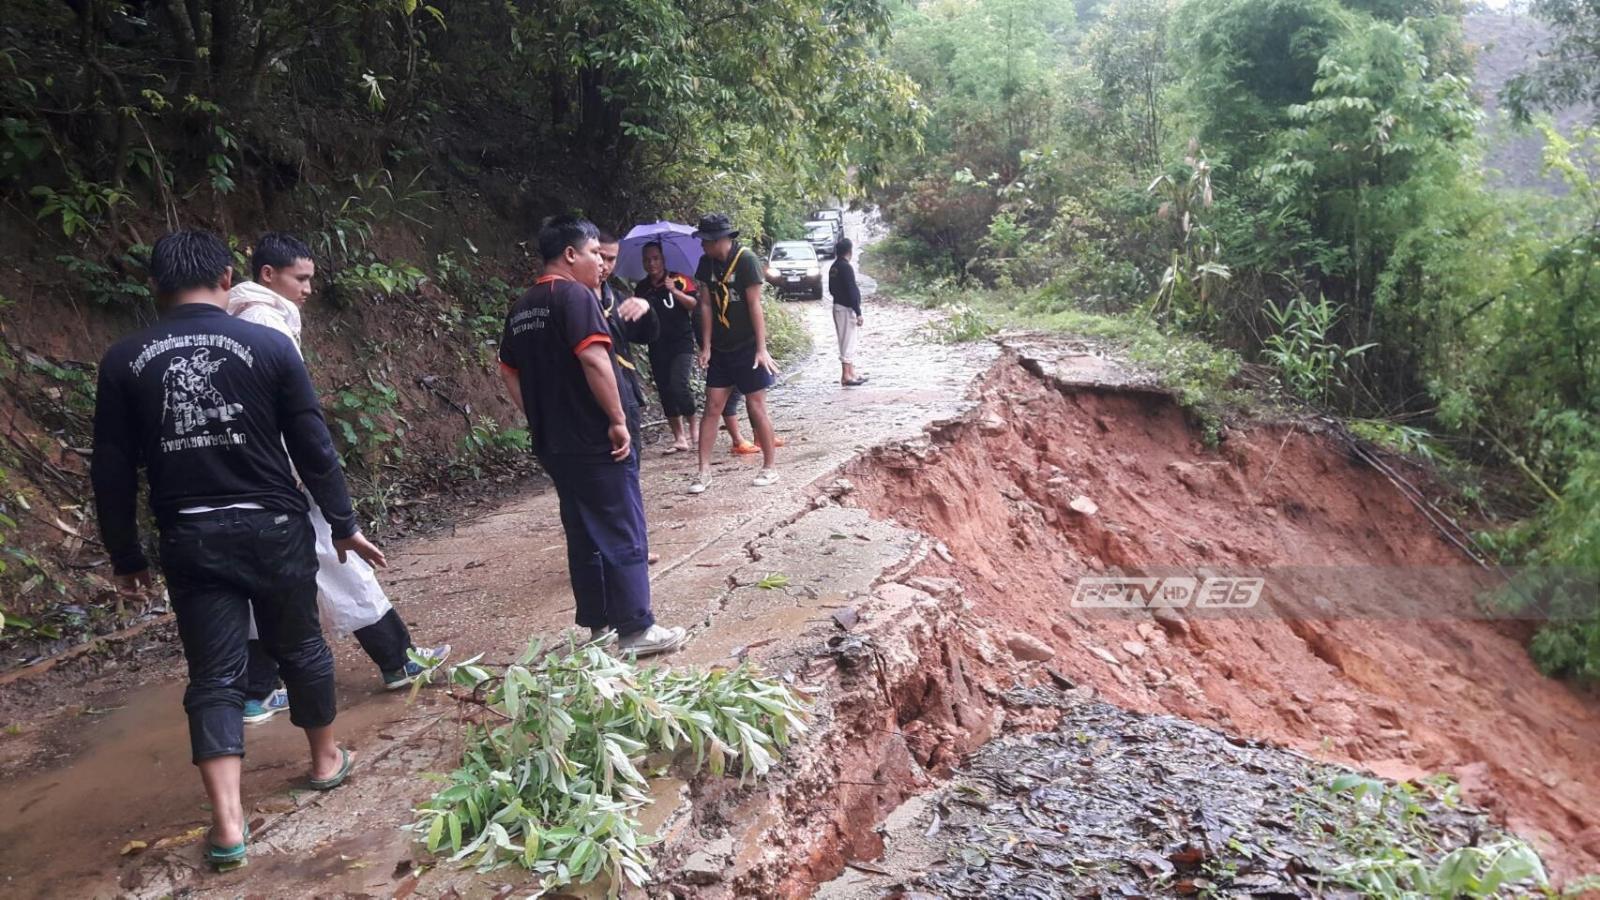 ฝนตกหนัก-ดินโคลนถล่มทับบ้านเรือน ชาวท่าสองยางเสียหาย